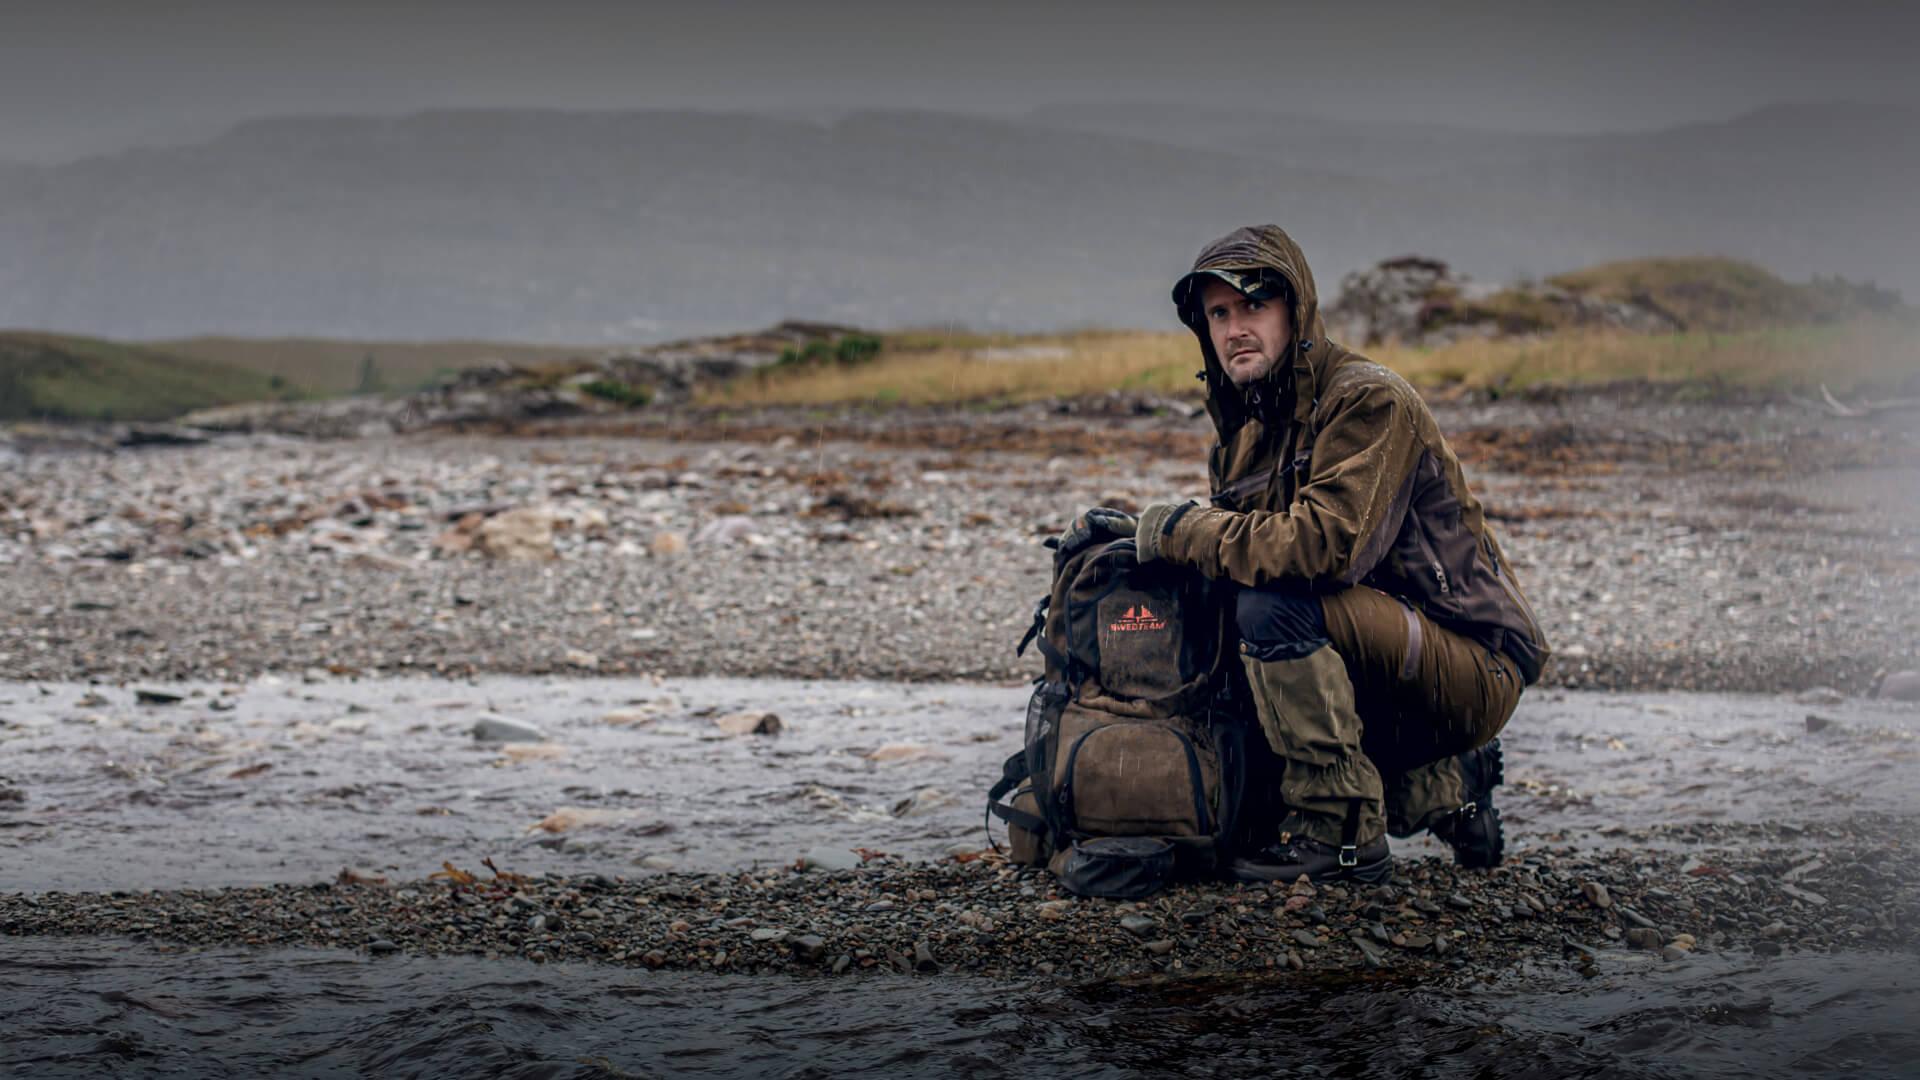 Swedteam Jagdbekleidung für jegliche Gelegenheit